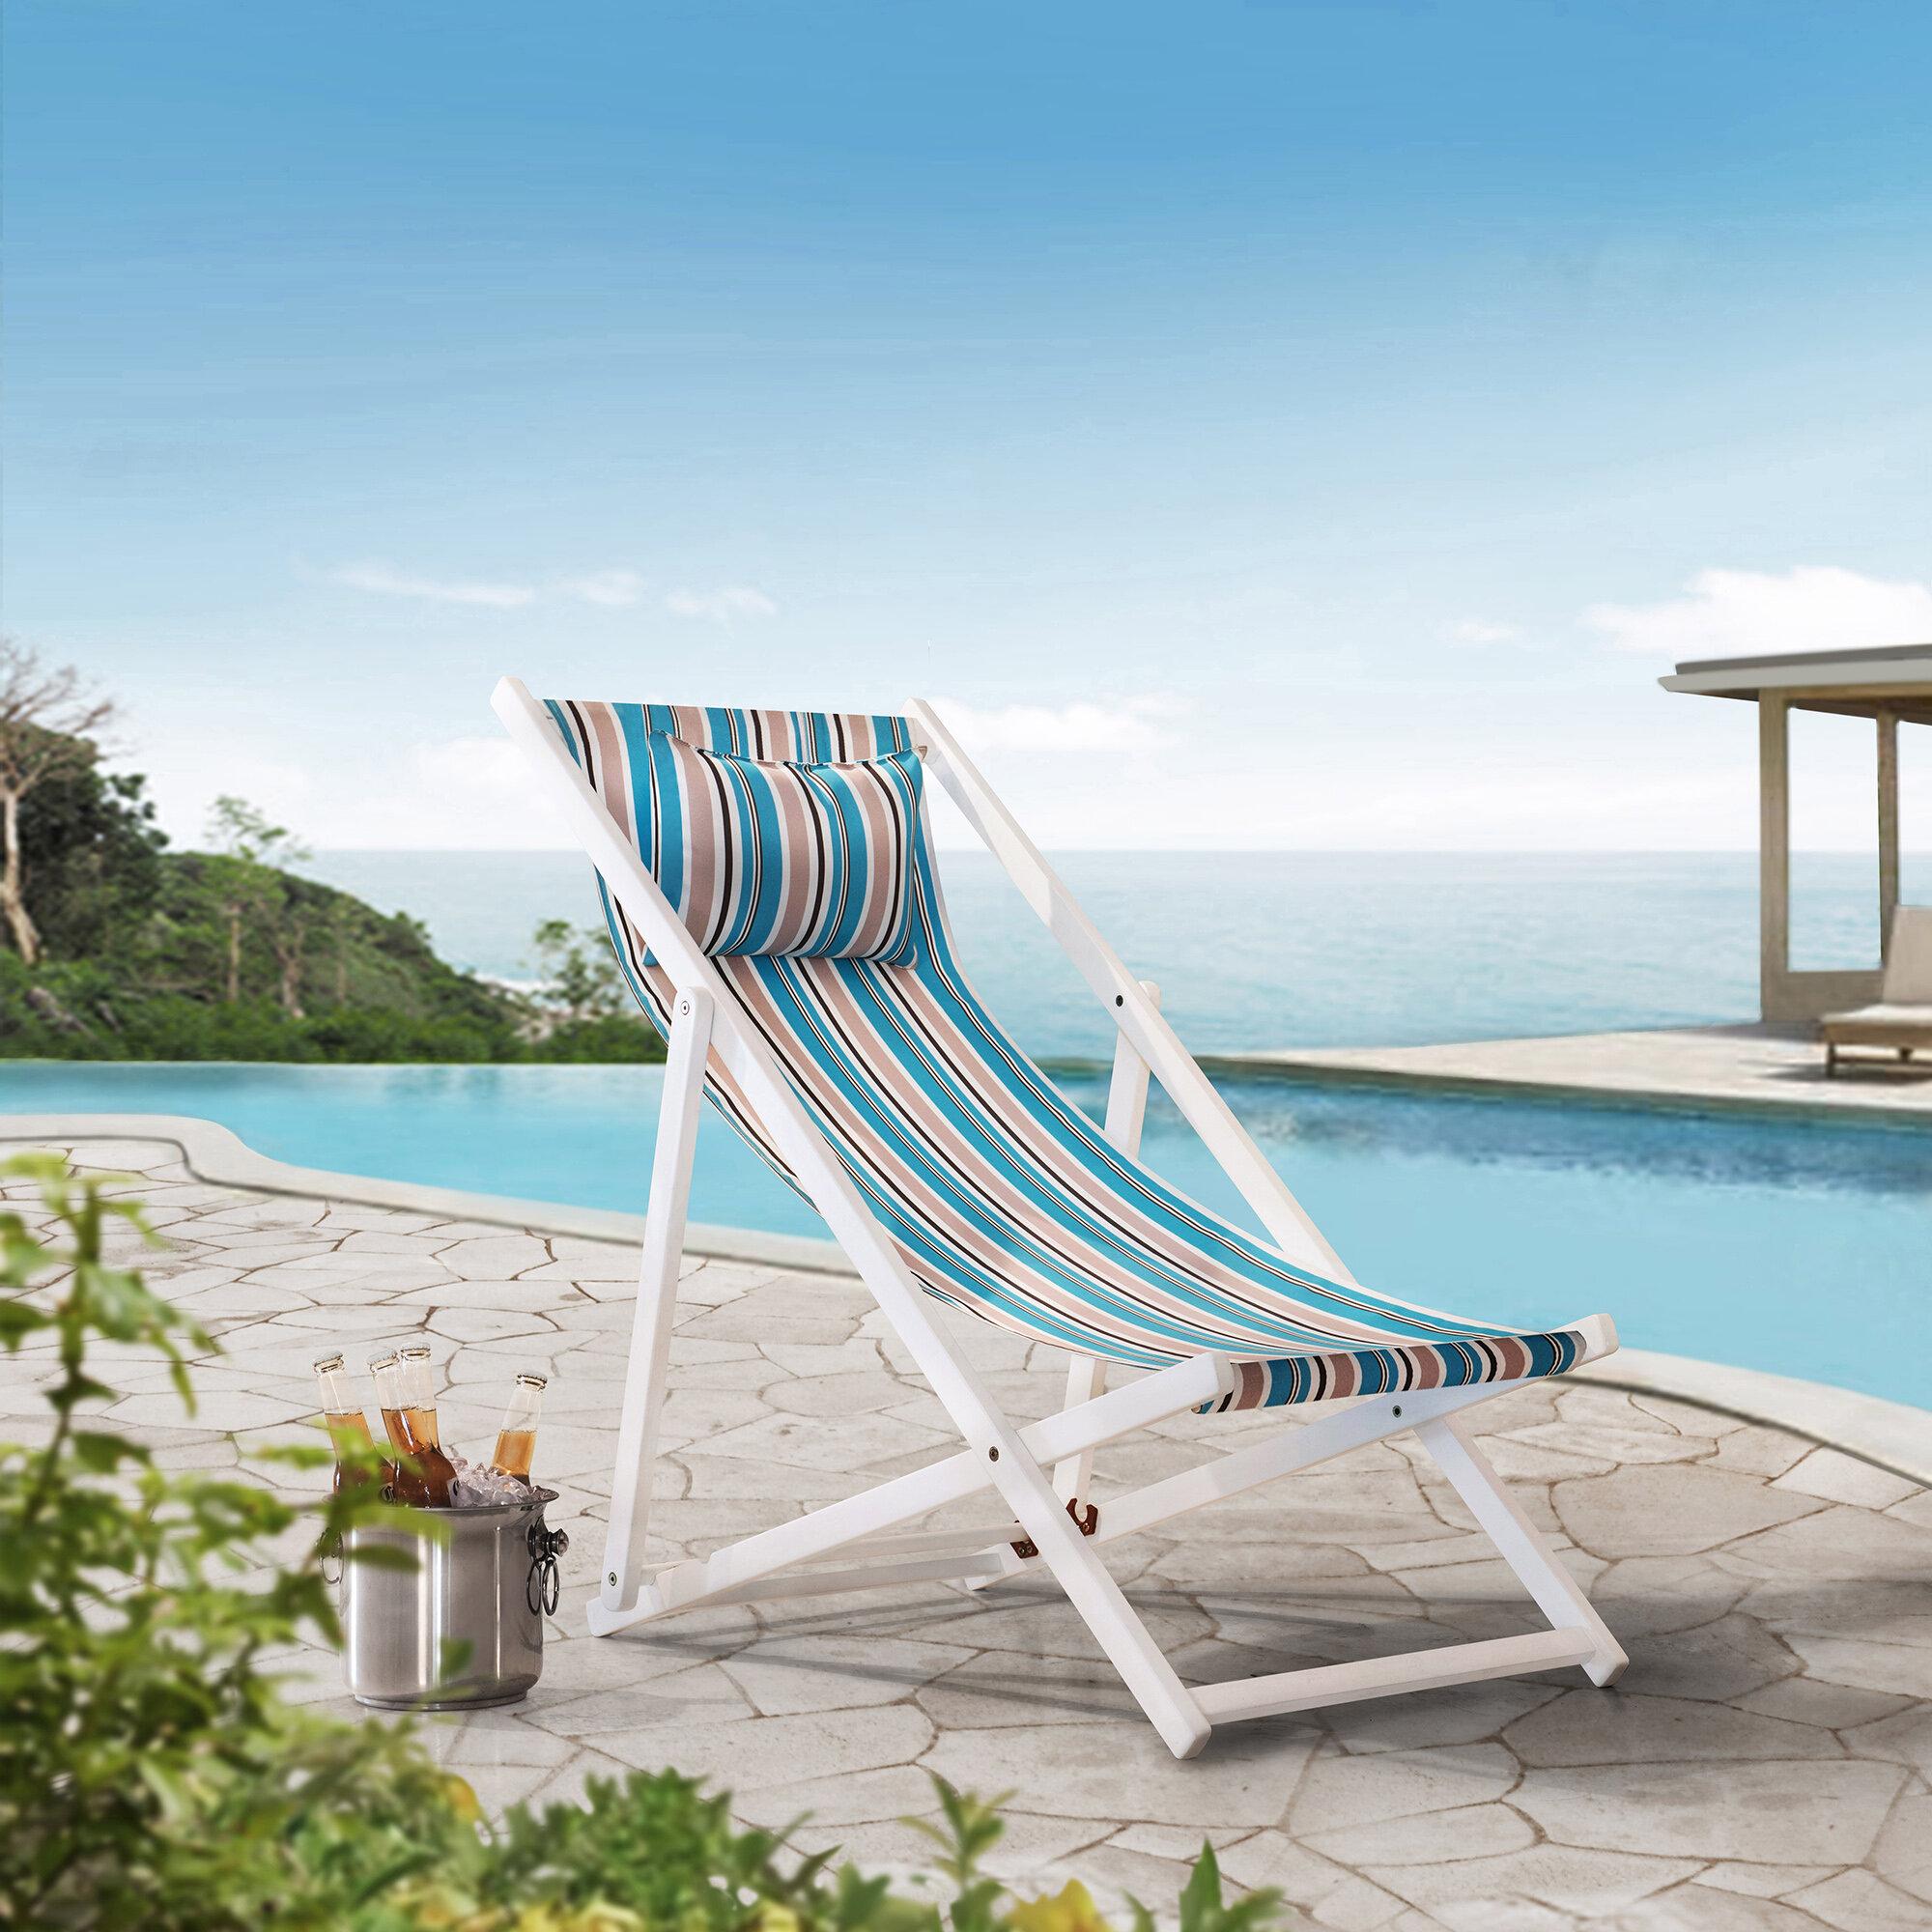 Terrific Dugger Sunjoy Belton Reclining Folding Beach Chair Theyellowbook Wood Chair Design Ideas Theyellowbookinfo